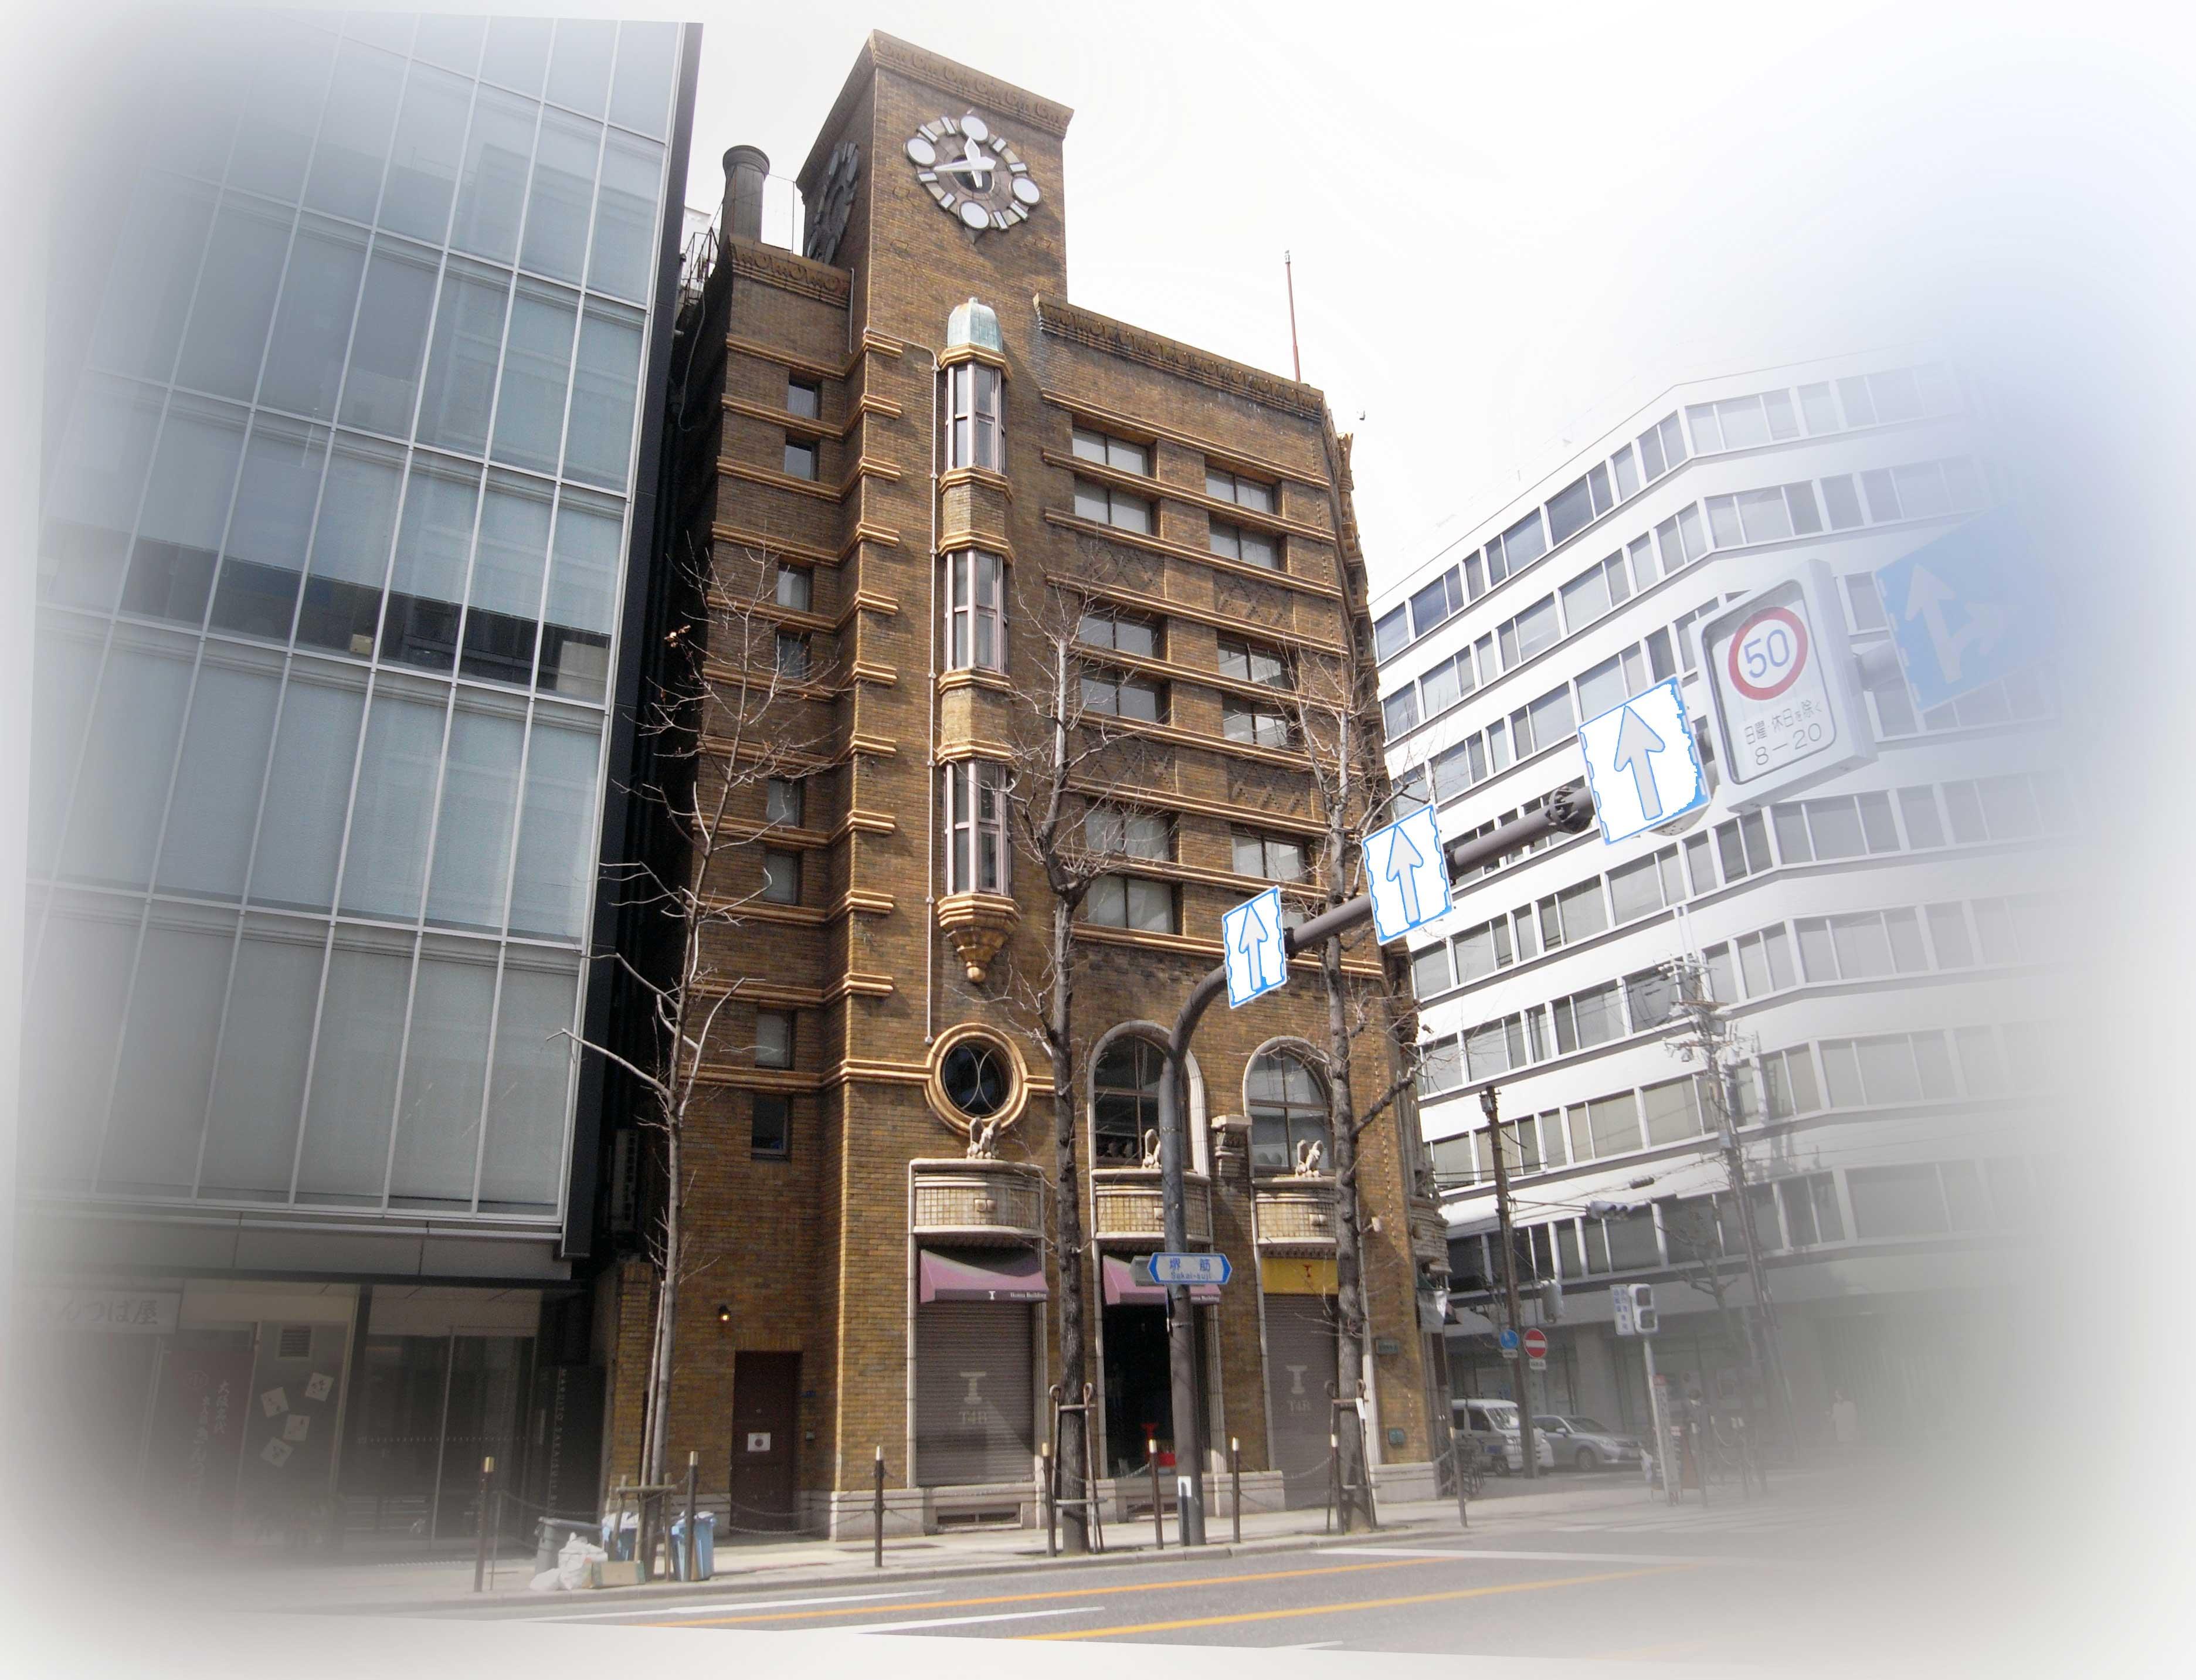 <p>堺筋側東面外観</p>時計塔まで伸びるファサード。5階から3階にかけての縦長出窓と2階部分の丸窓は時計の振り子をデザインしたもの。